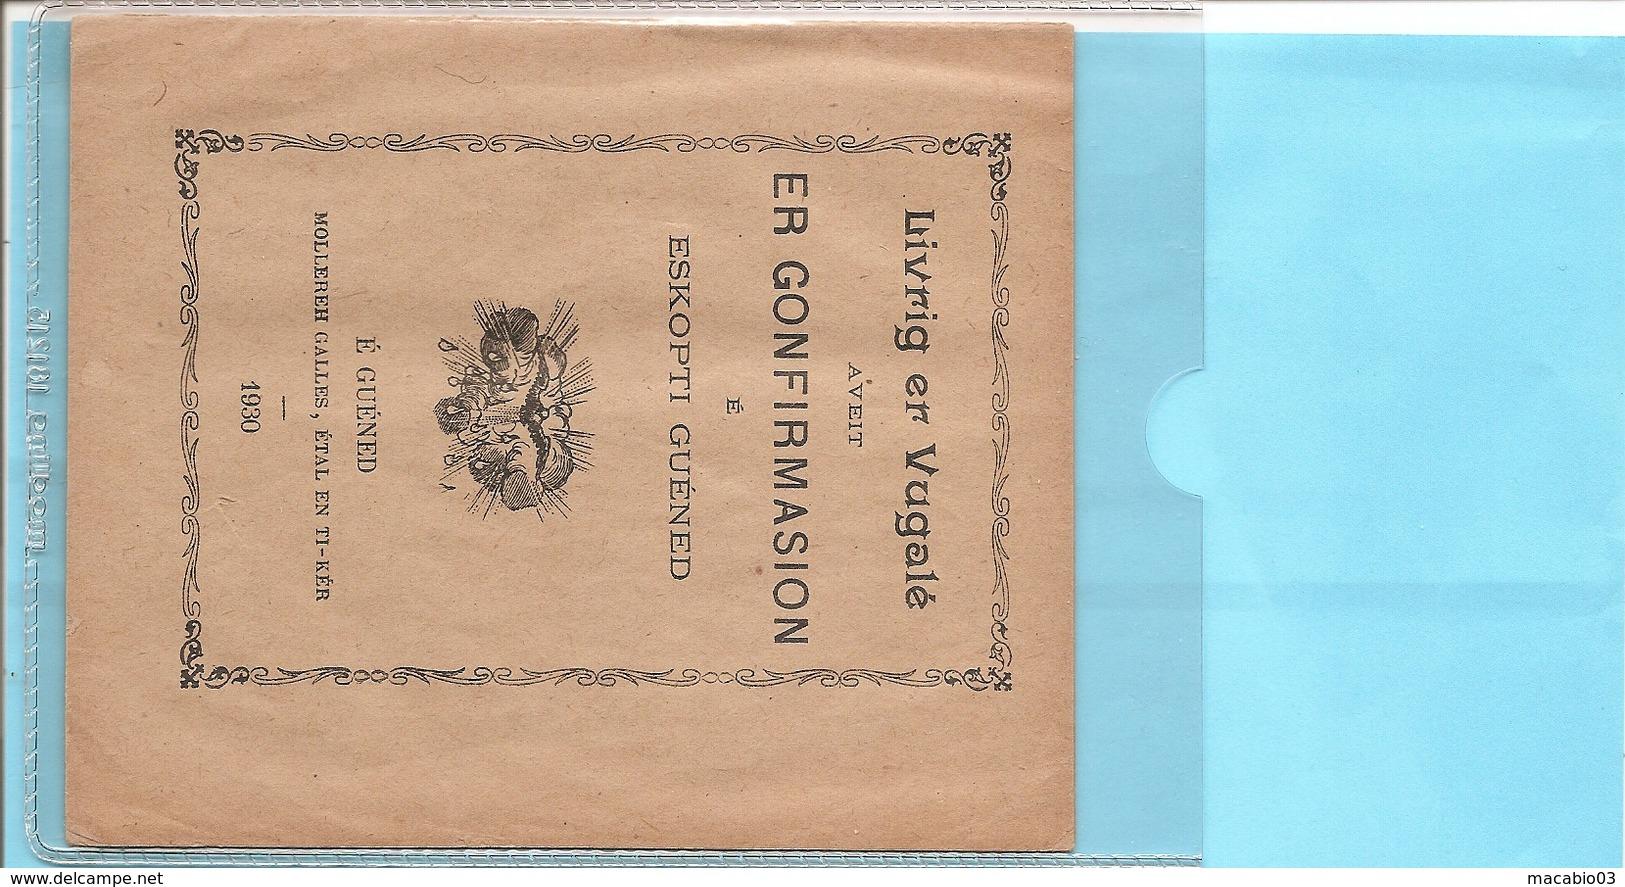 Livret De 22 Pages De 1930 En BRETON -Livrig Er Vugalé Aveit ER GONFIRMASION é Eskopti Guéned Réf 5848 - Livres, BD, Revues